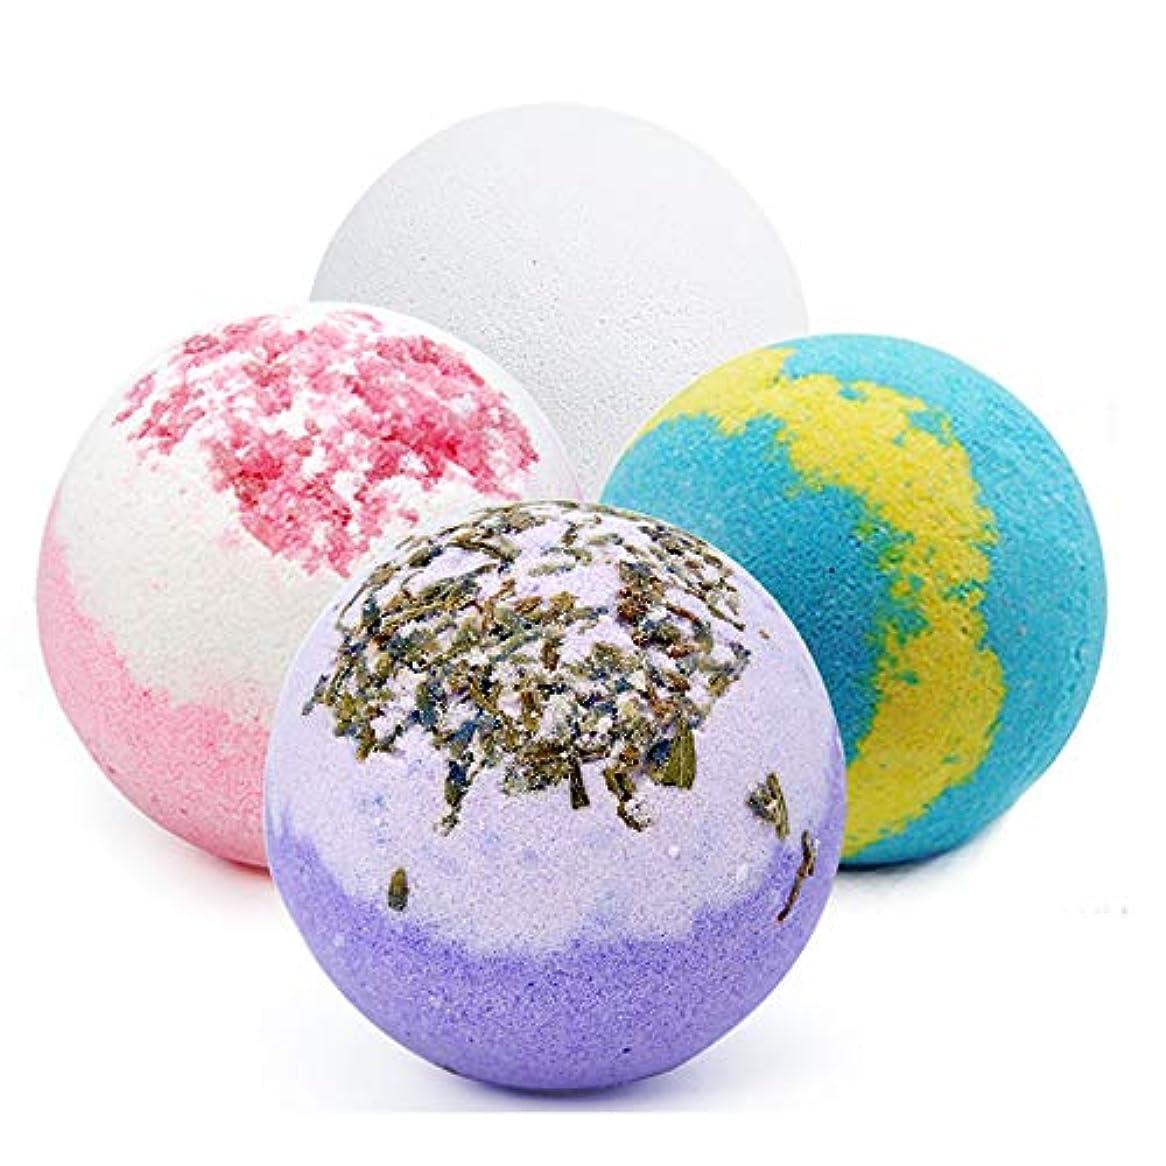 ニュージーランドめんどりカカドゥバスボム 入浴剤 炭酸 バスボール 6つの香り 手作り 入浴料 うるおいプラス お風呂用 入浴剤 ギフトセット4枚 プレゼント最適